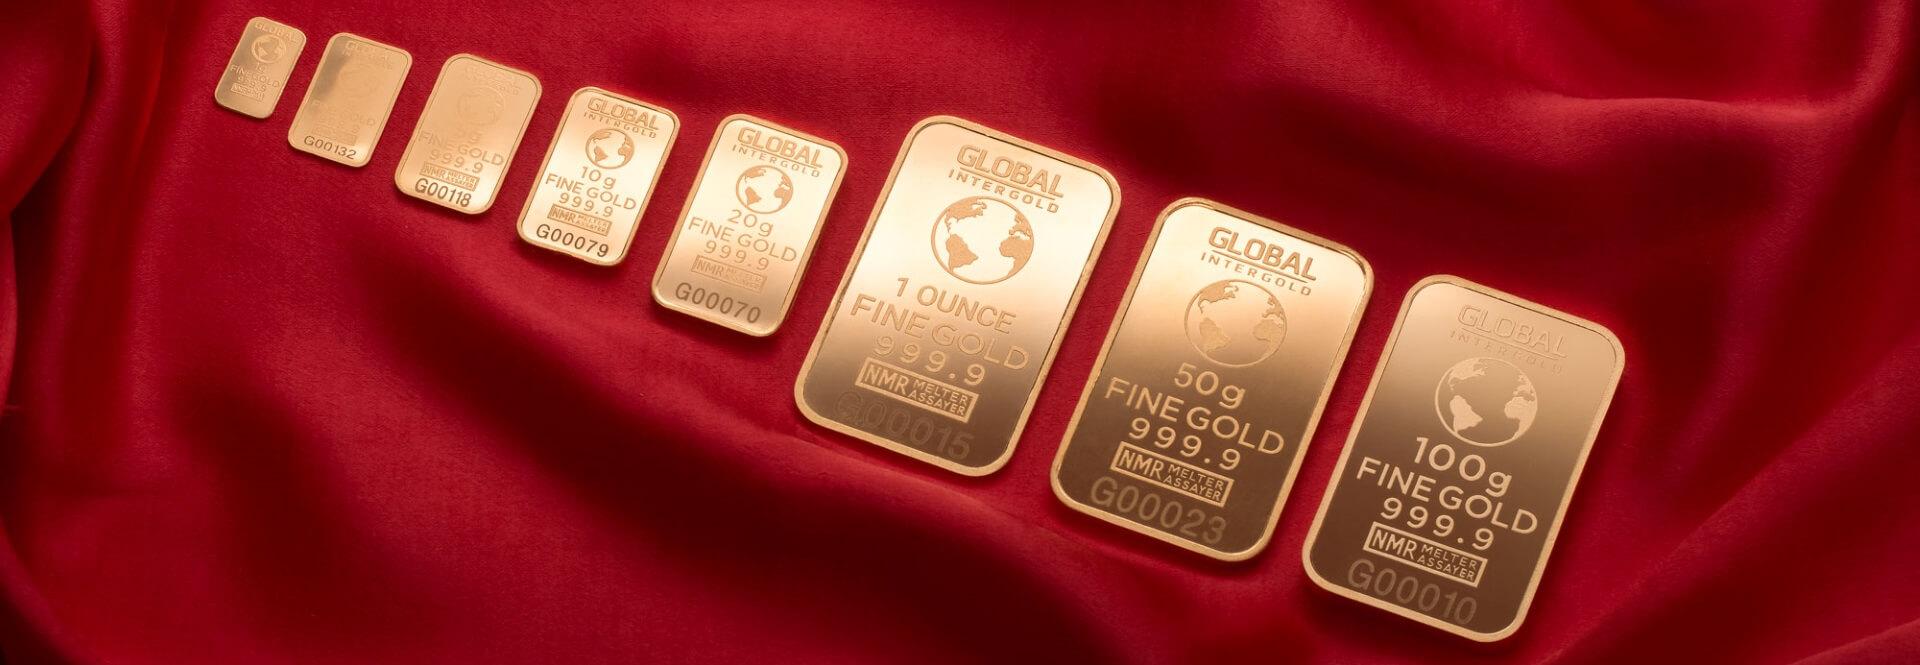 Start - SStar Gold Resources AB 8d4b611a46704